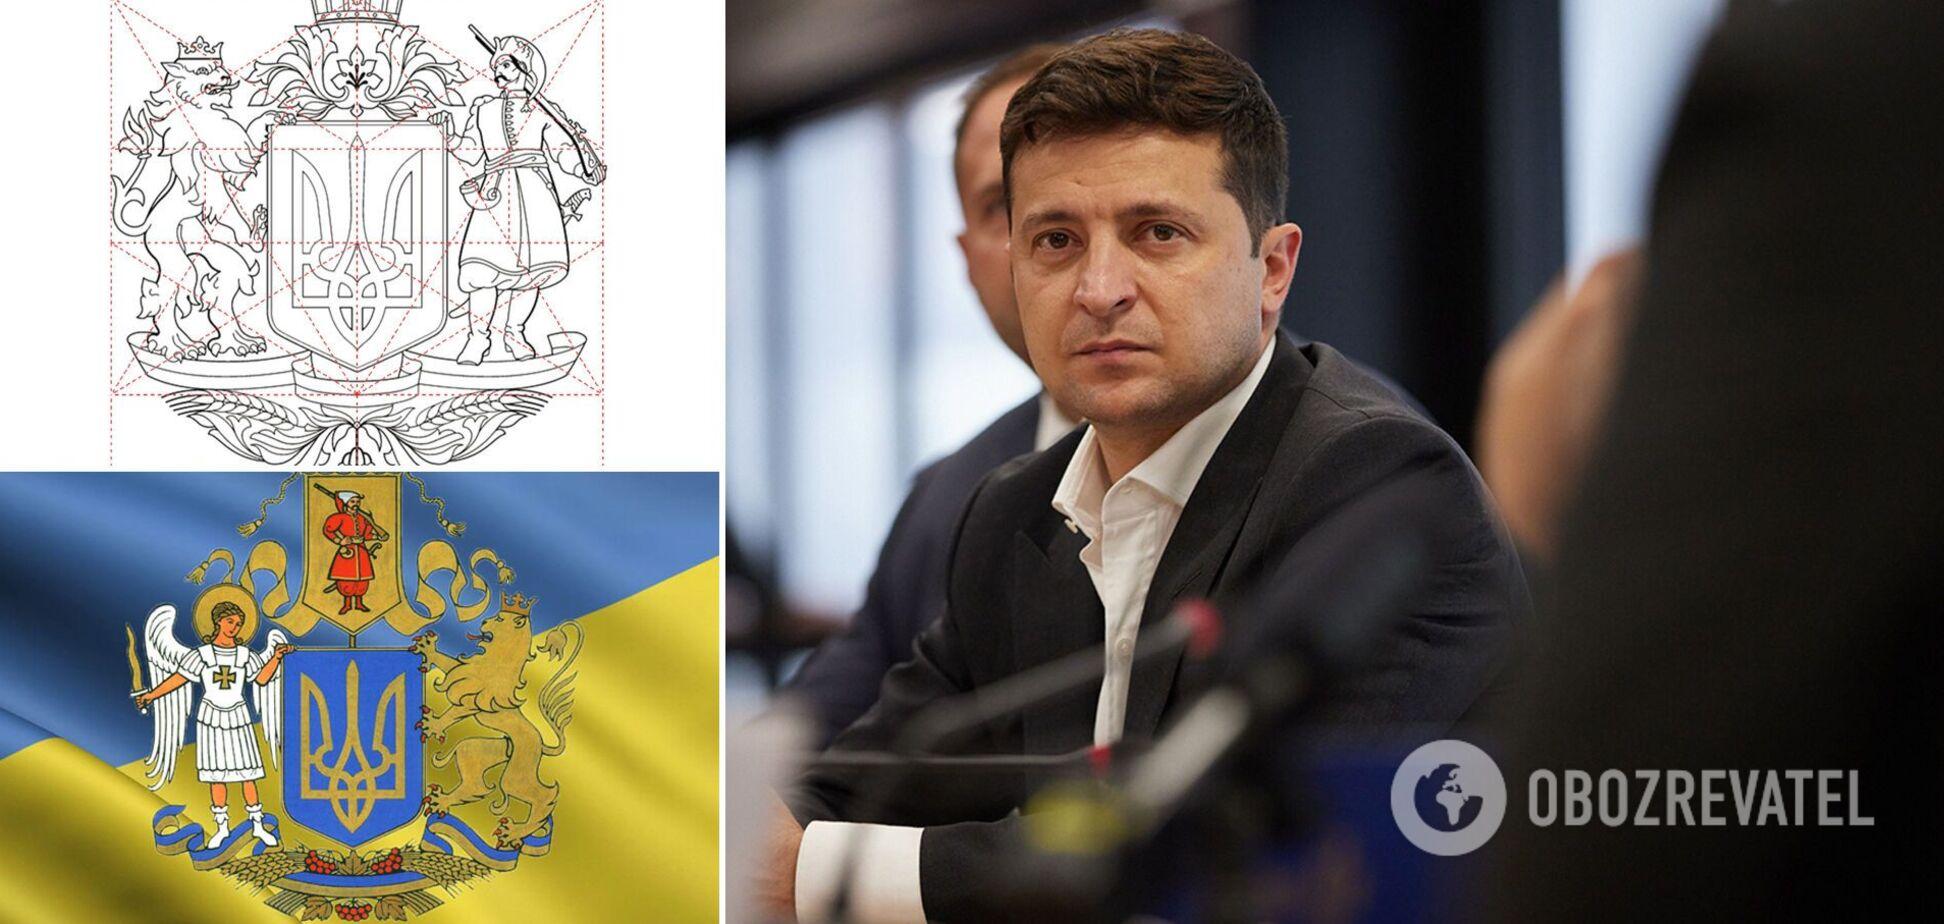 За всю історію незалежності Україна так і не спромоглася затвердити Великий герб